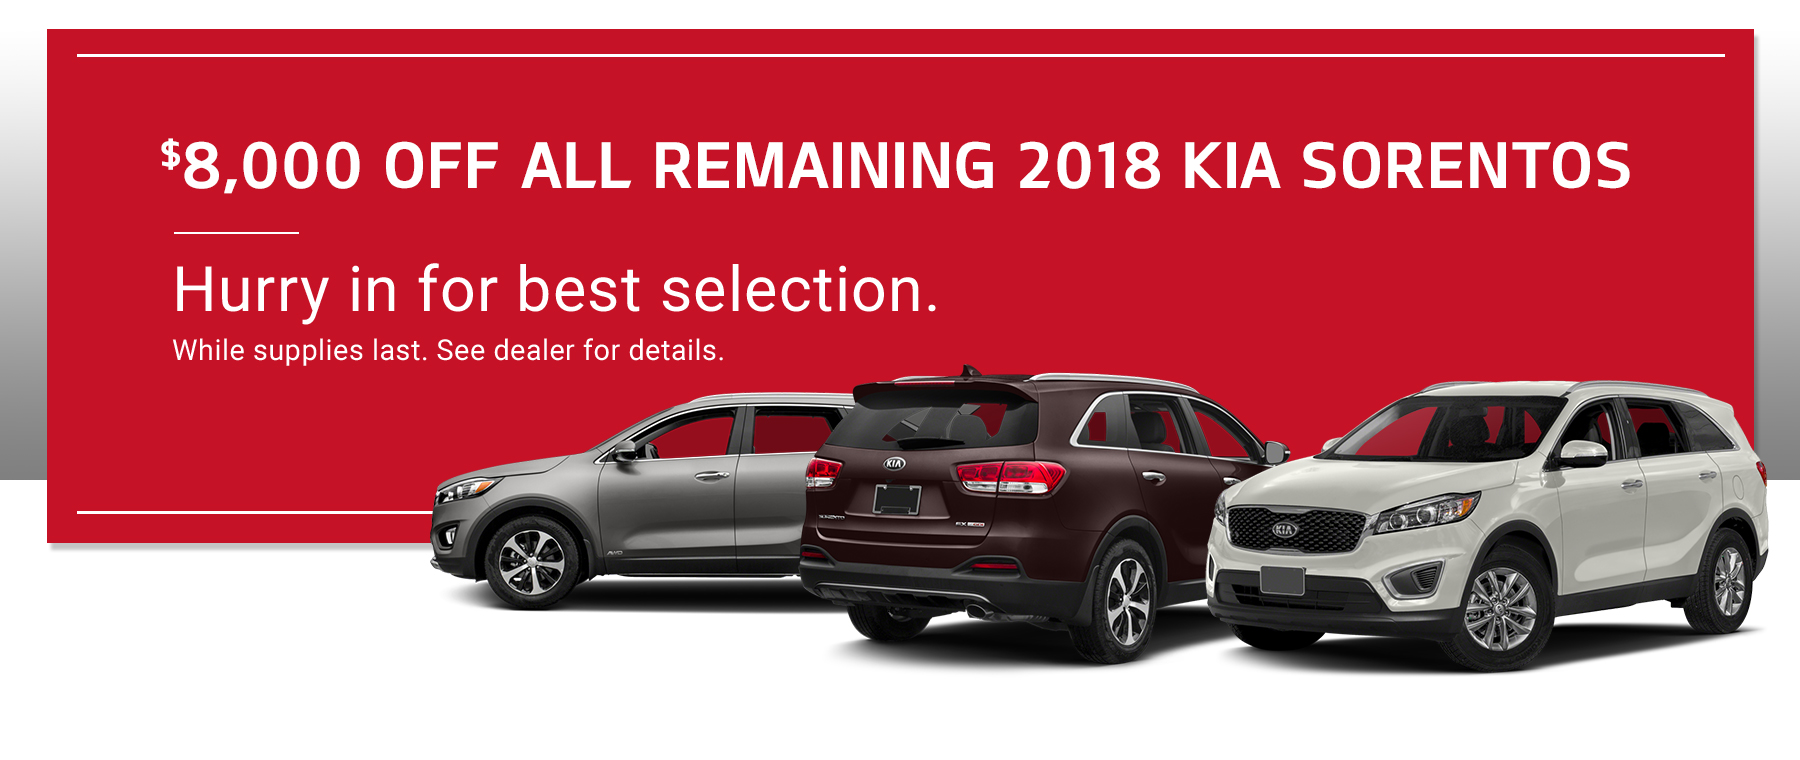 Kia Sorrento Specials